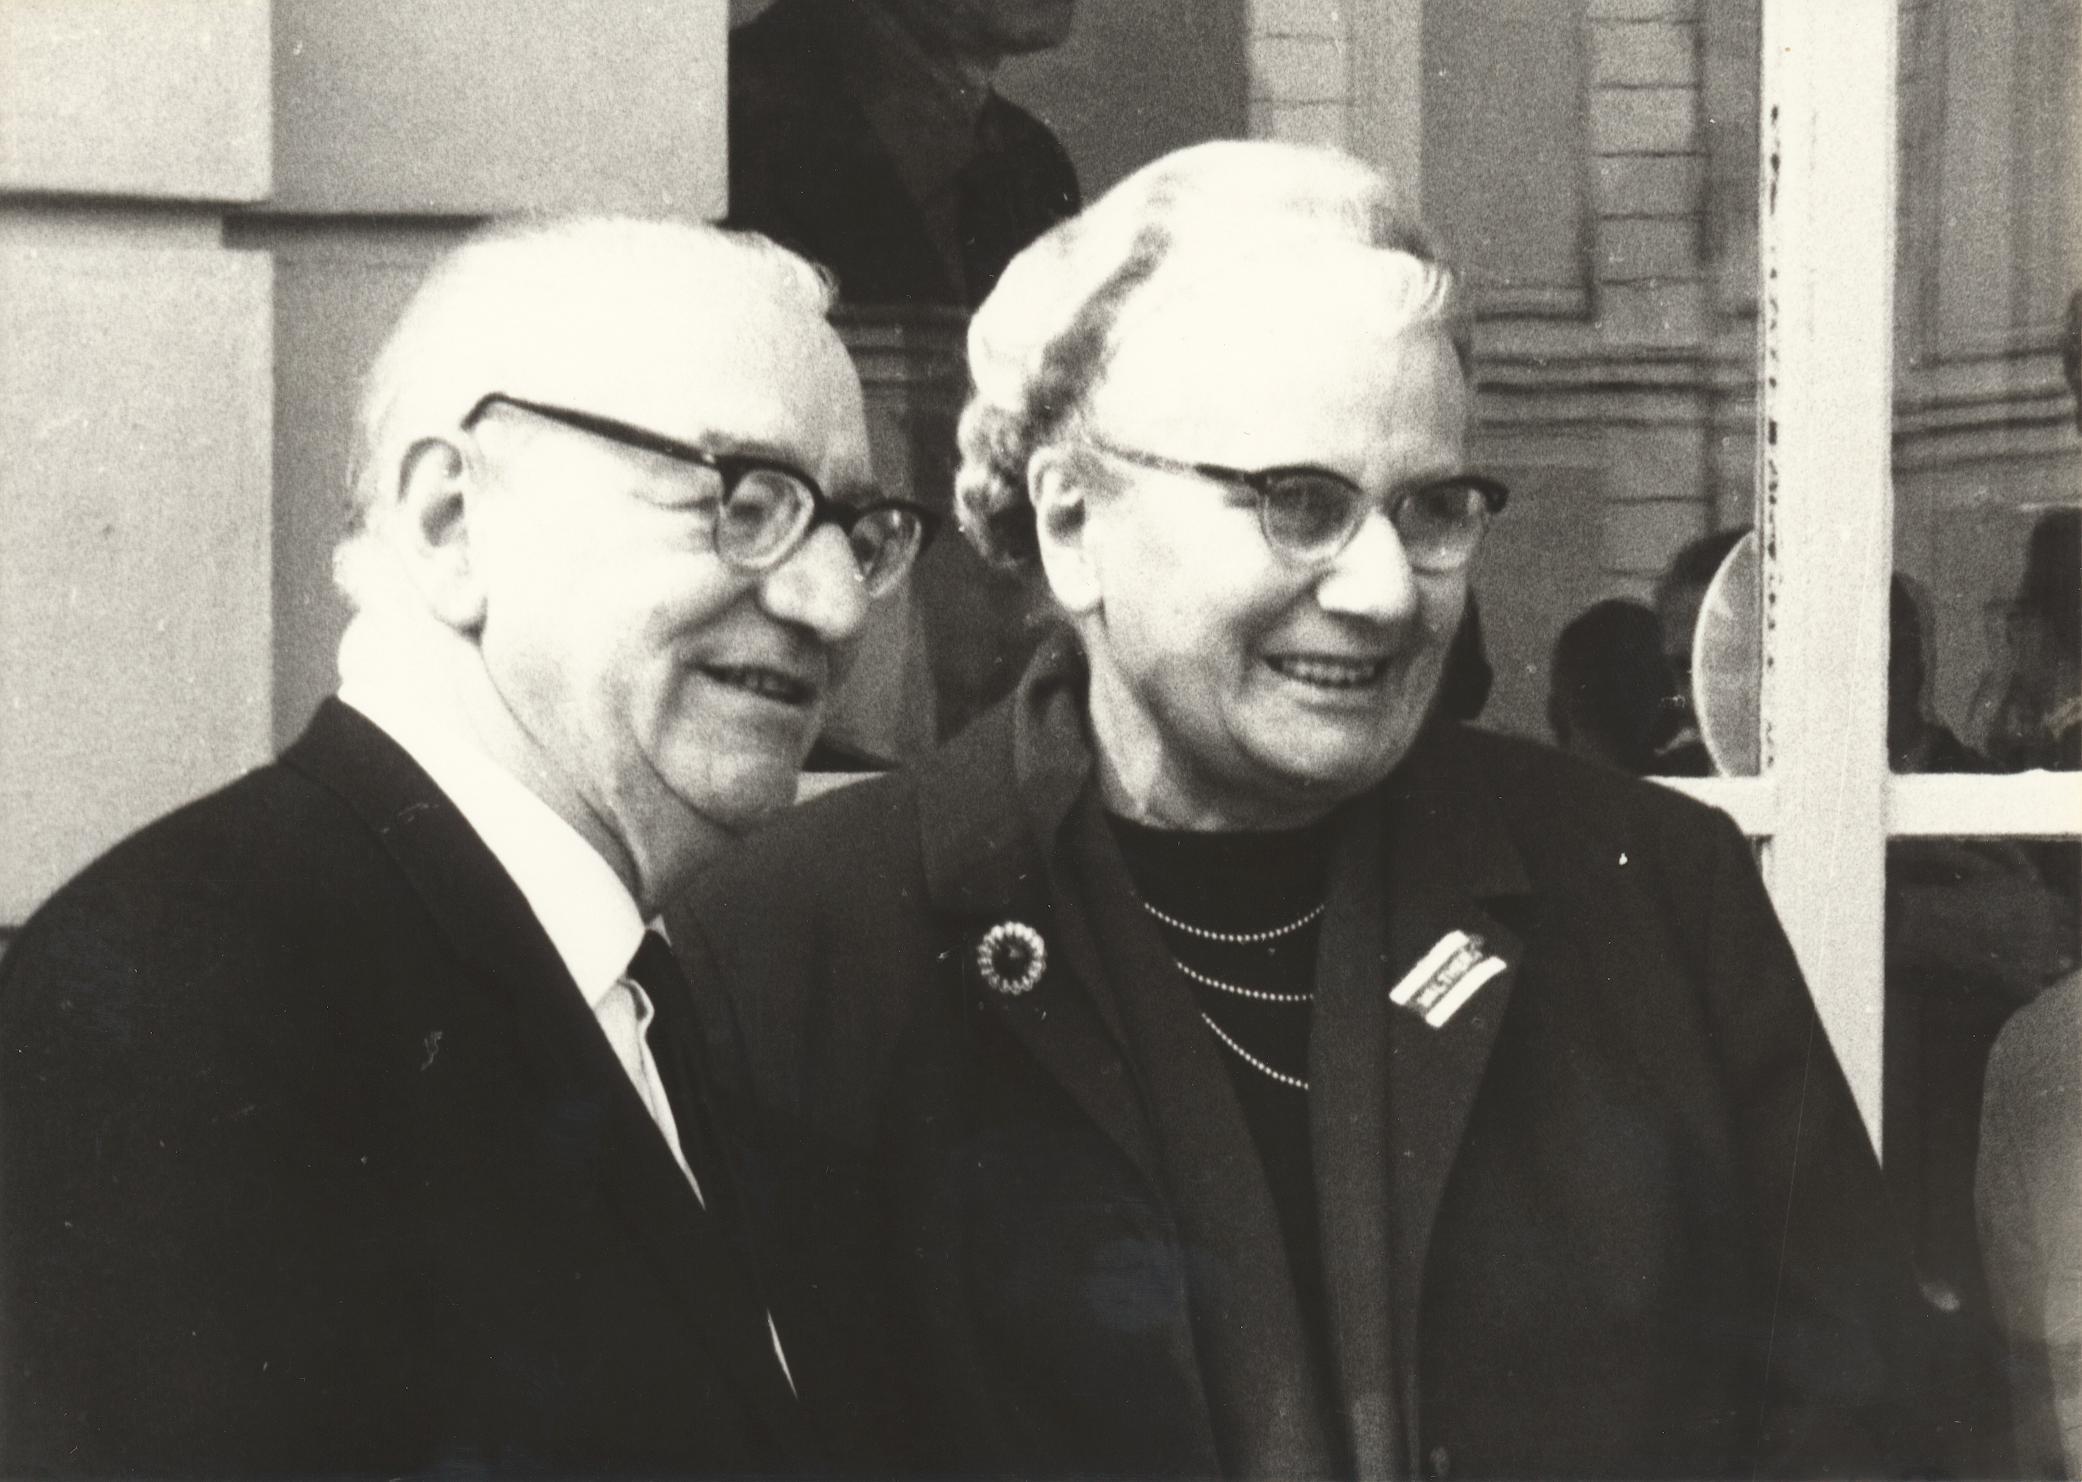 I. Internat. Imago Mundi-Kongress 1966 in Fürstenried bei München, Im Kraftfeld des christlichen Weltbildes, Prof. Dr. Gebhard Frei, Dr. Gerda Walther